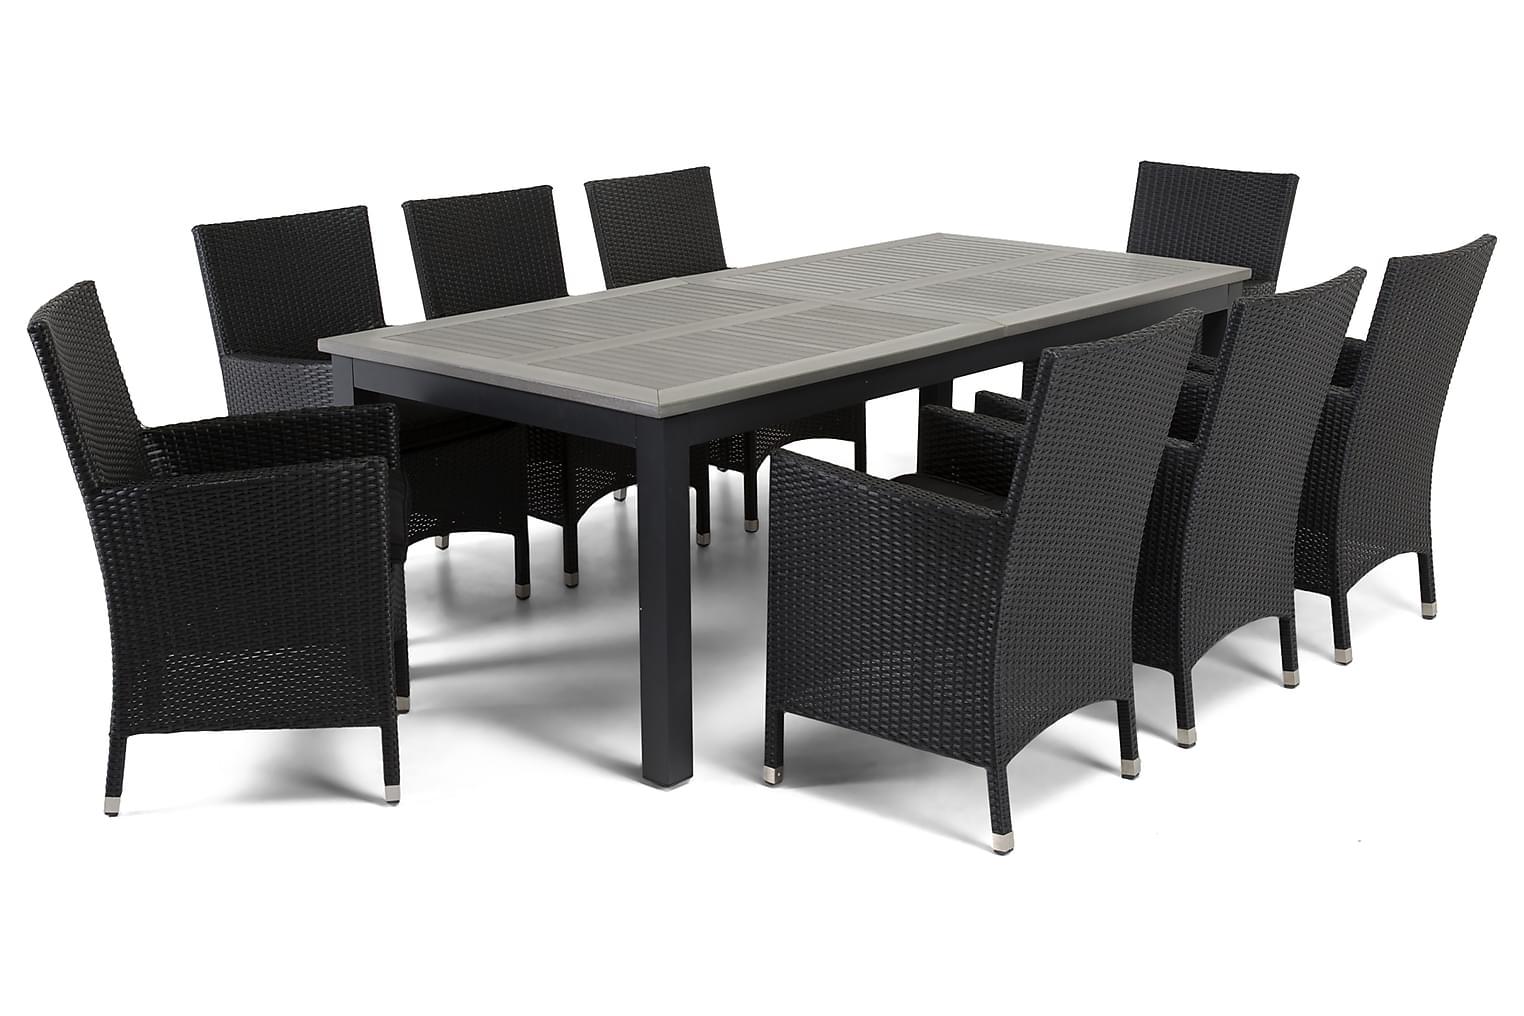 MARTINIQUE Pöytä 220/280 Harmaa + 8 TUR Nojatuolia Musta